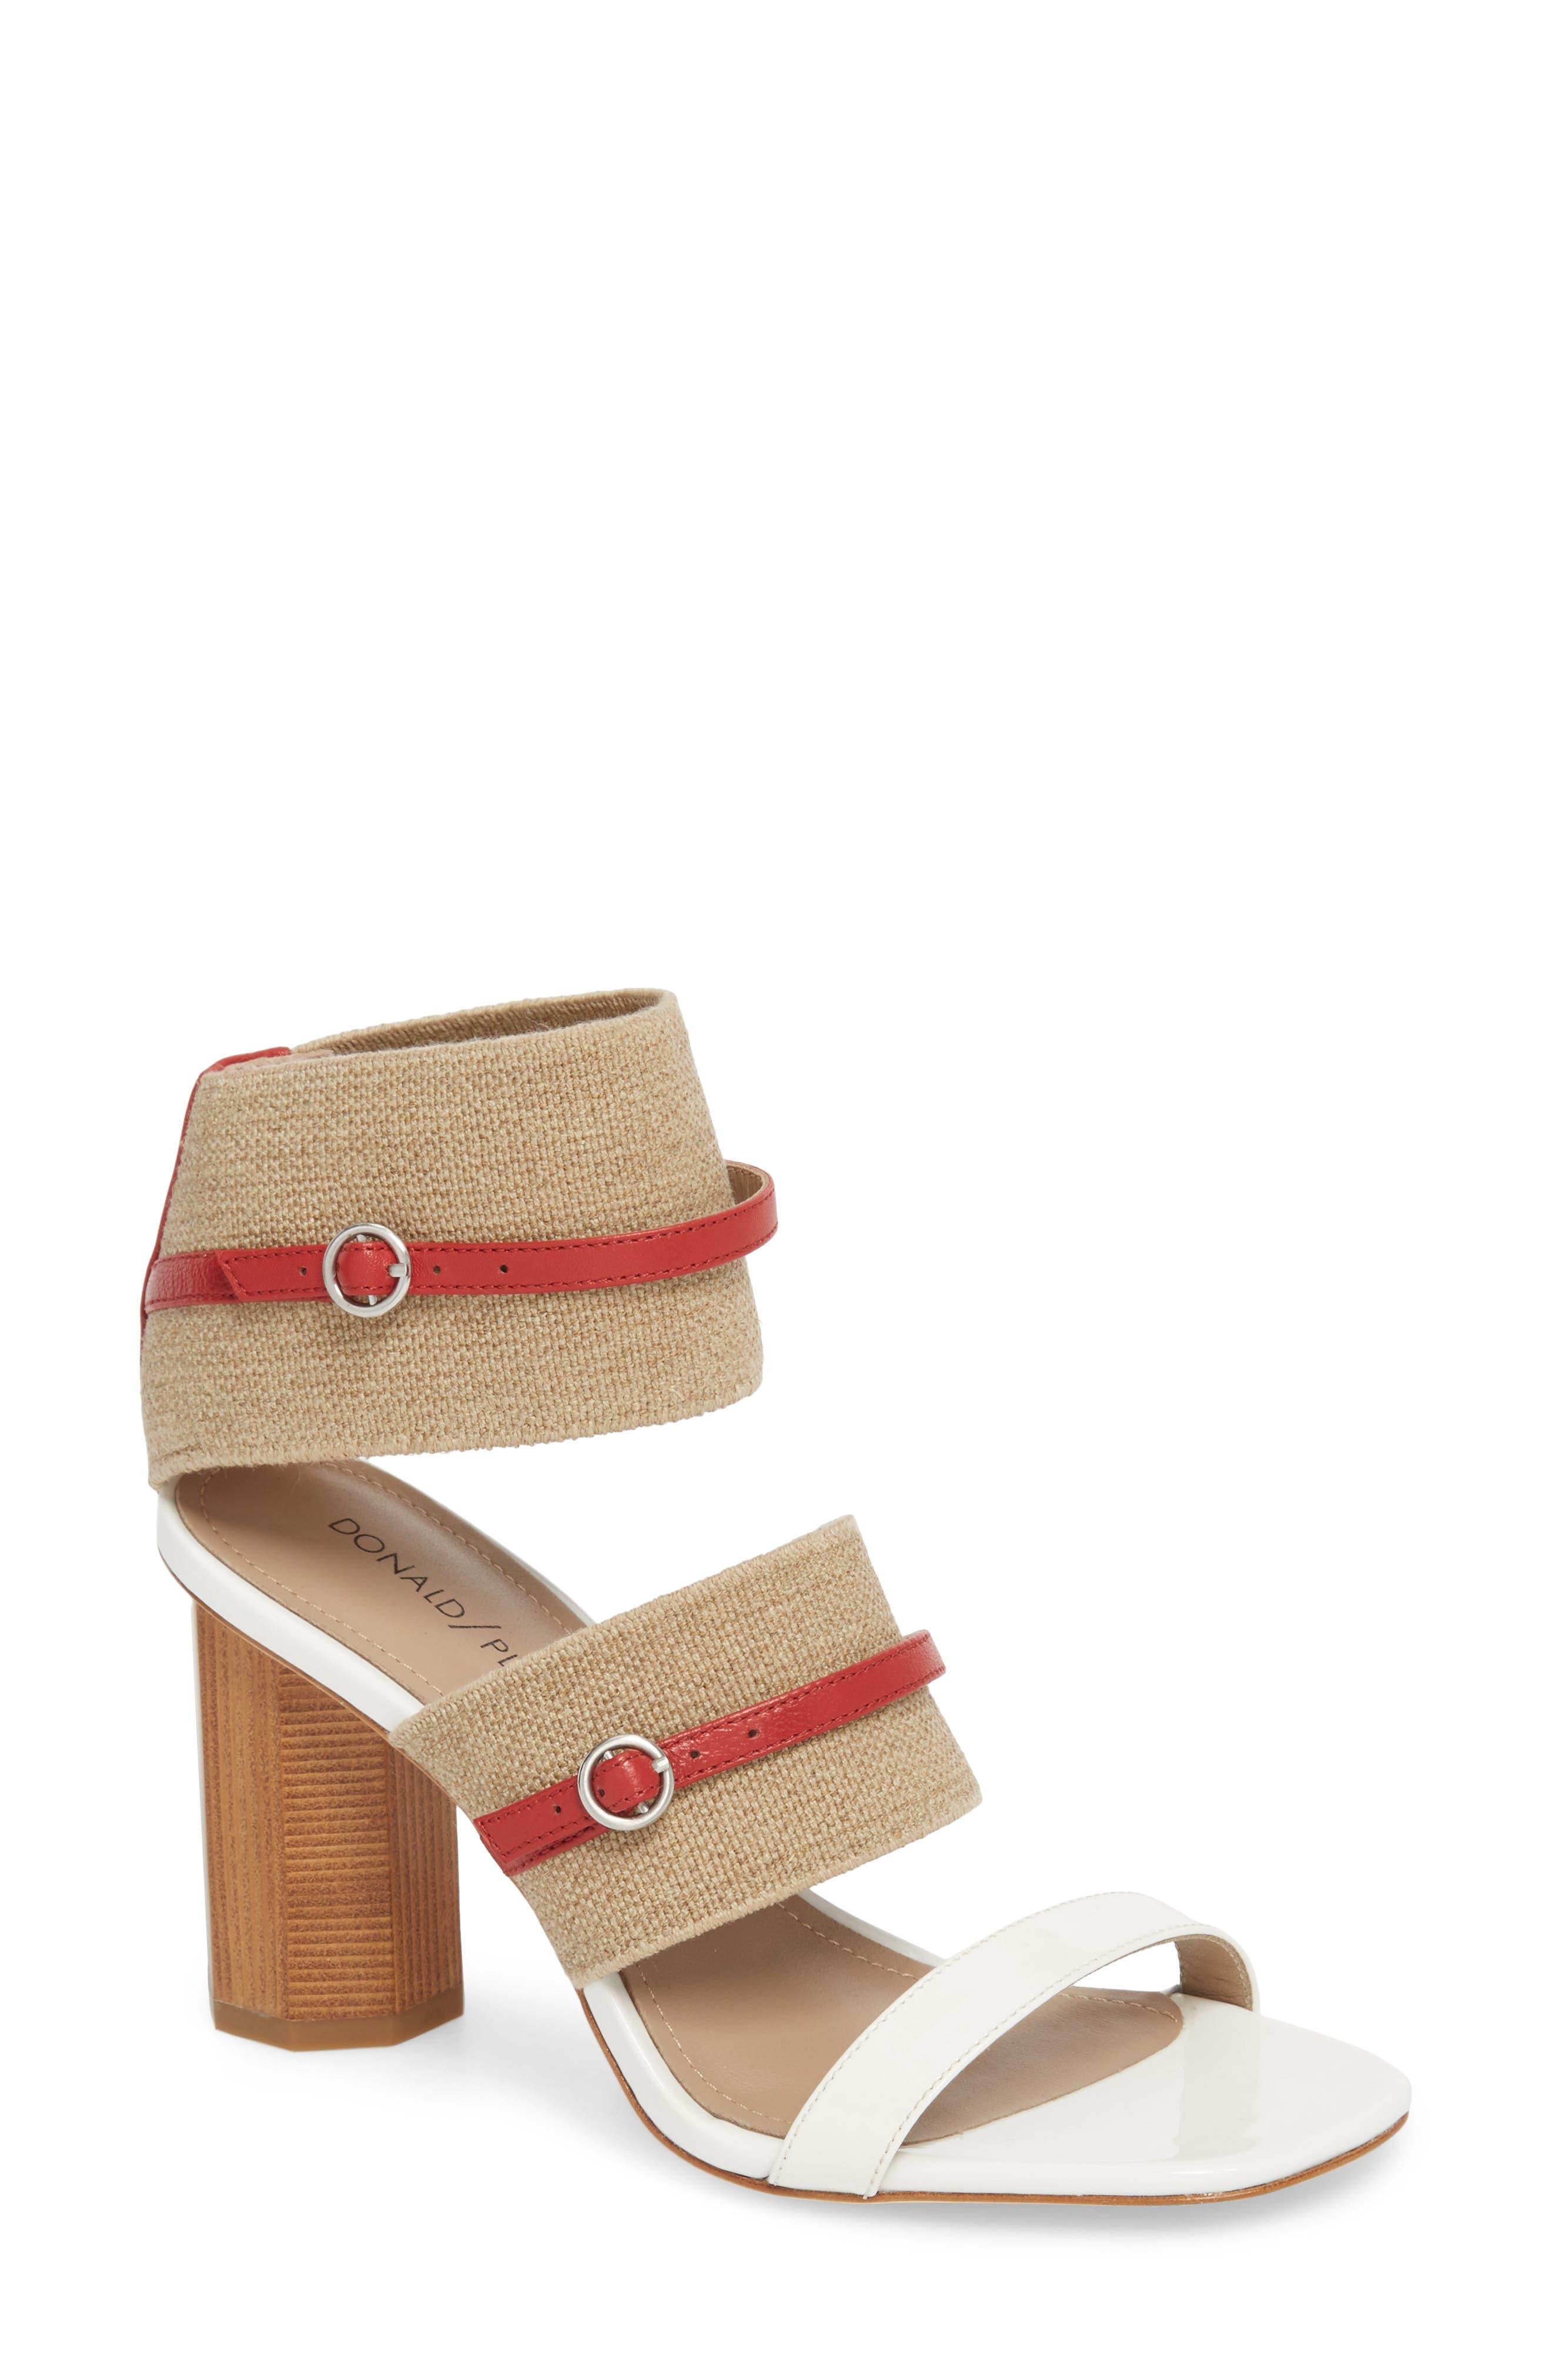 Edie Sandal,                         Main,                         color, NATURAL FABRIC